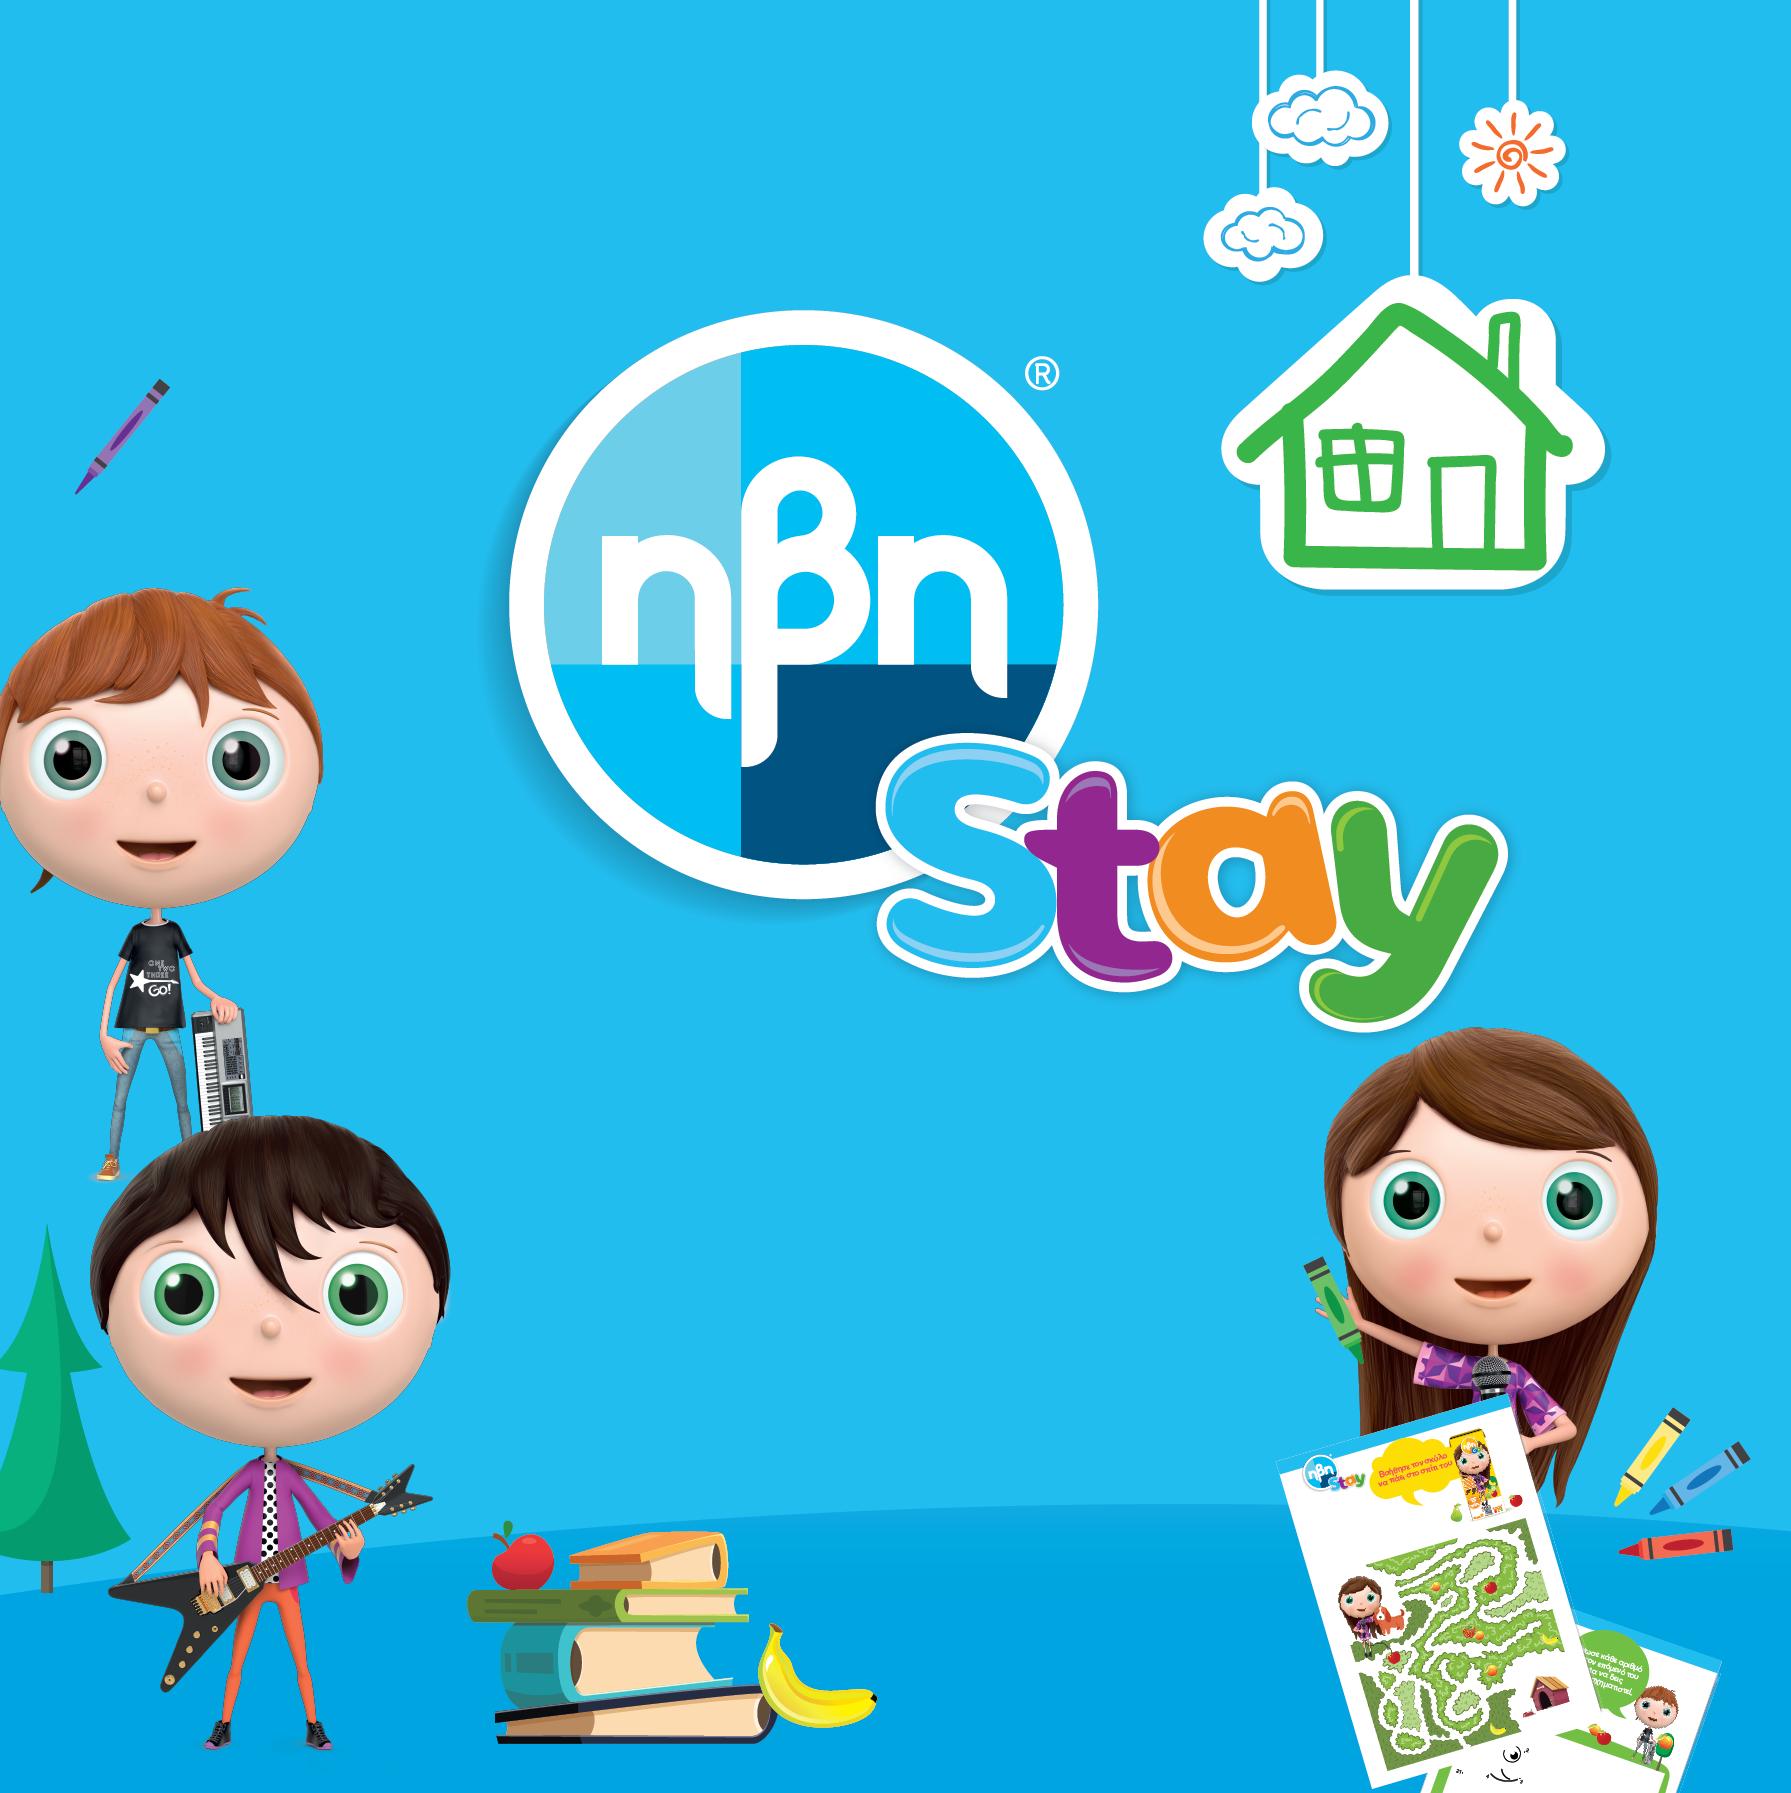 ήβηSTAY! για δημιουργική απασχόληση των παιδιών στο σπίτι